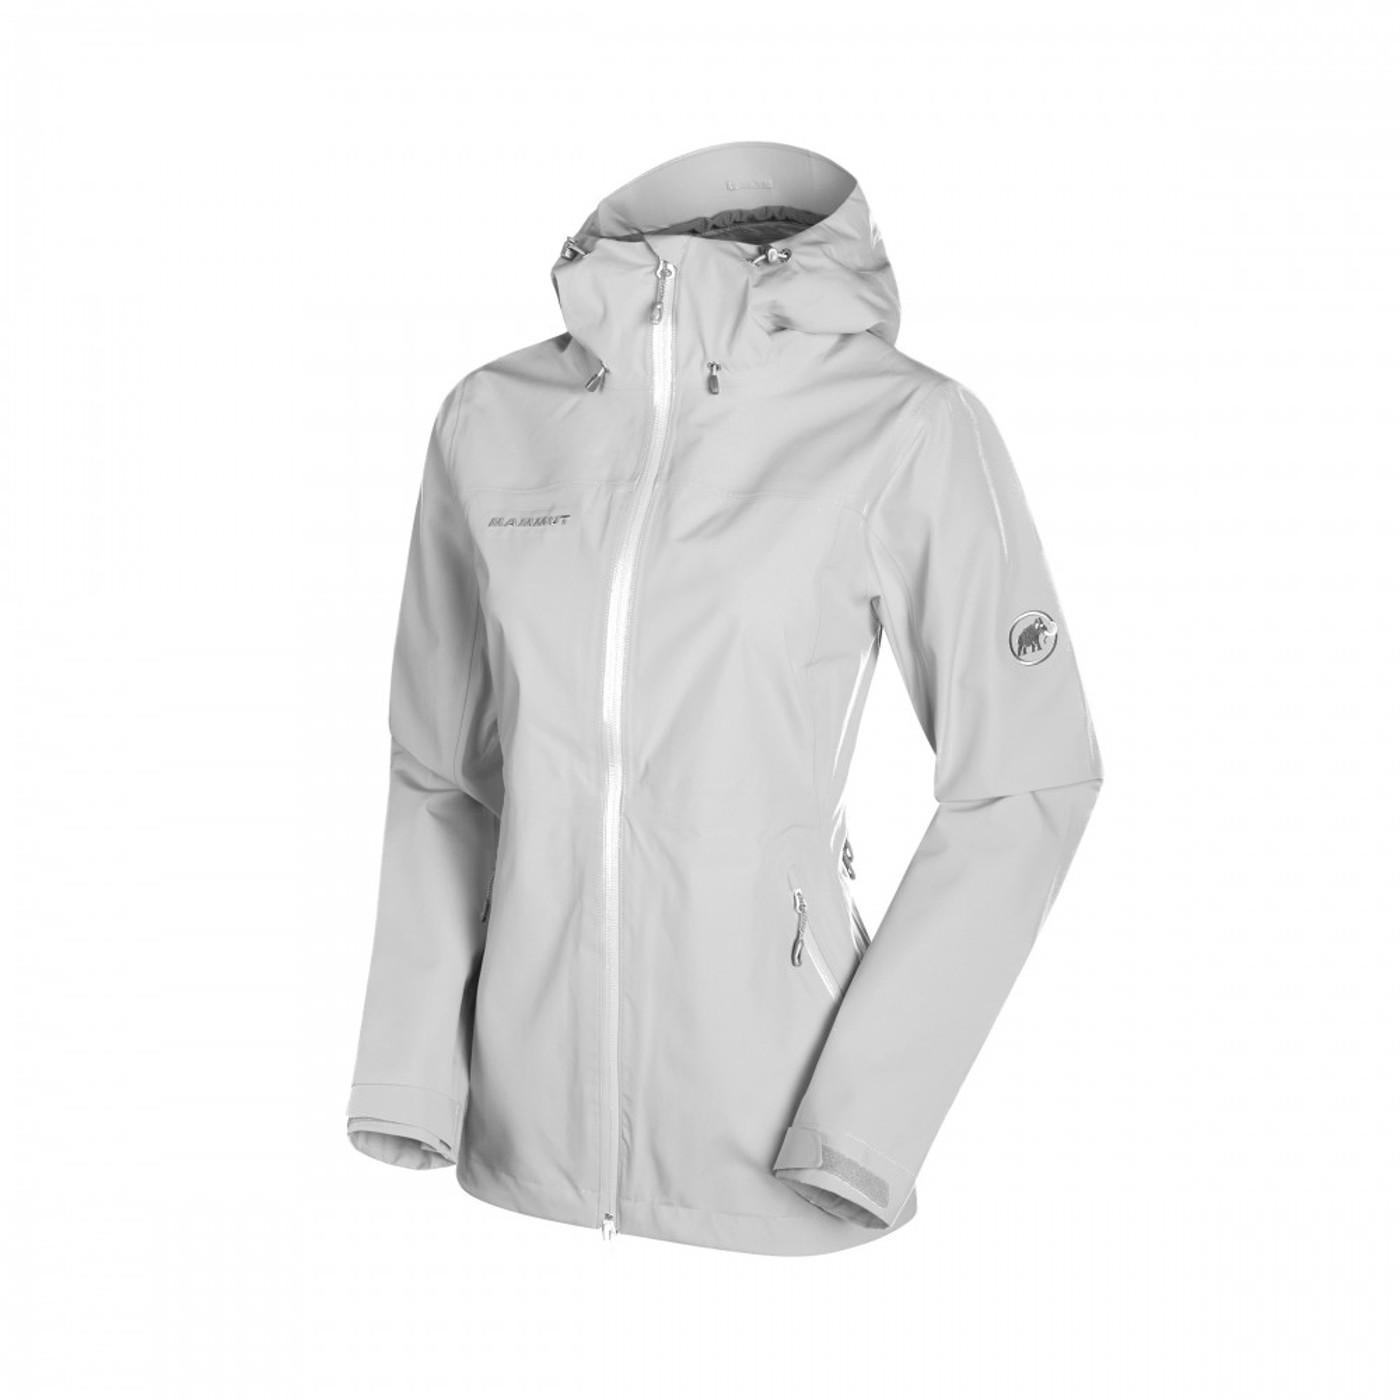 MAMMUT Convey Tour HS Hooded Jacket W - Damen